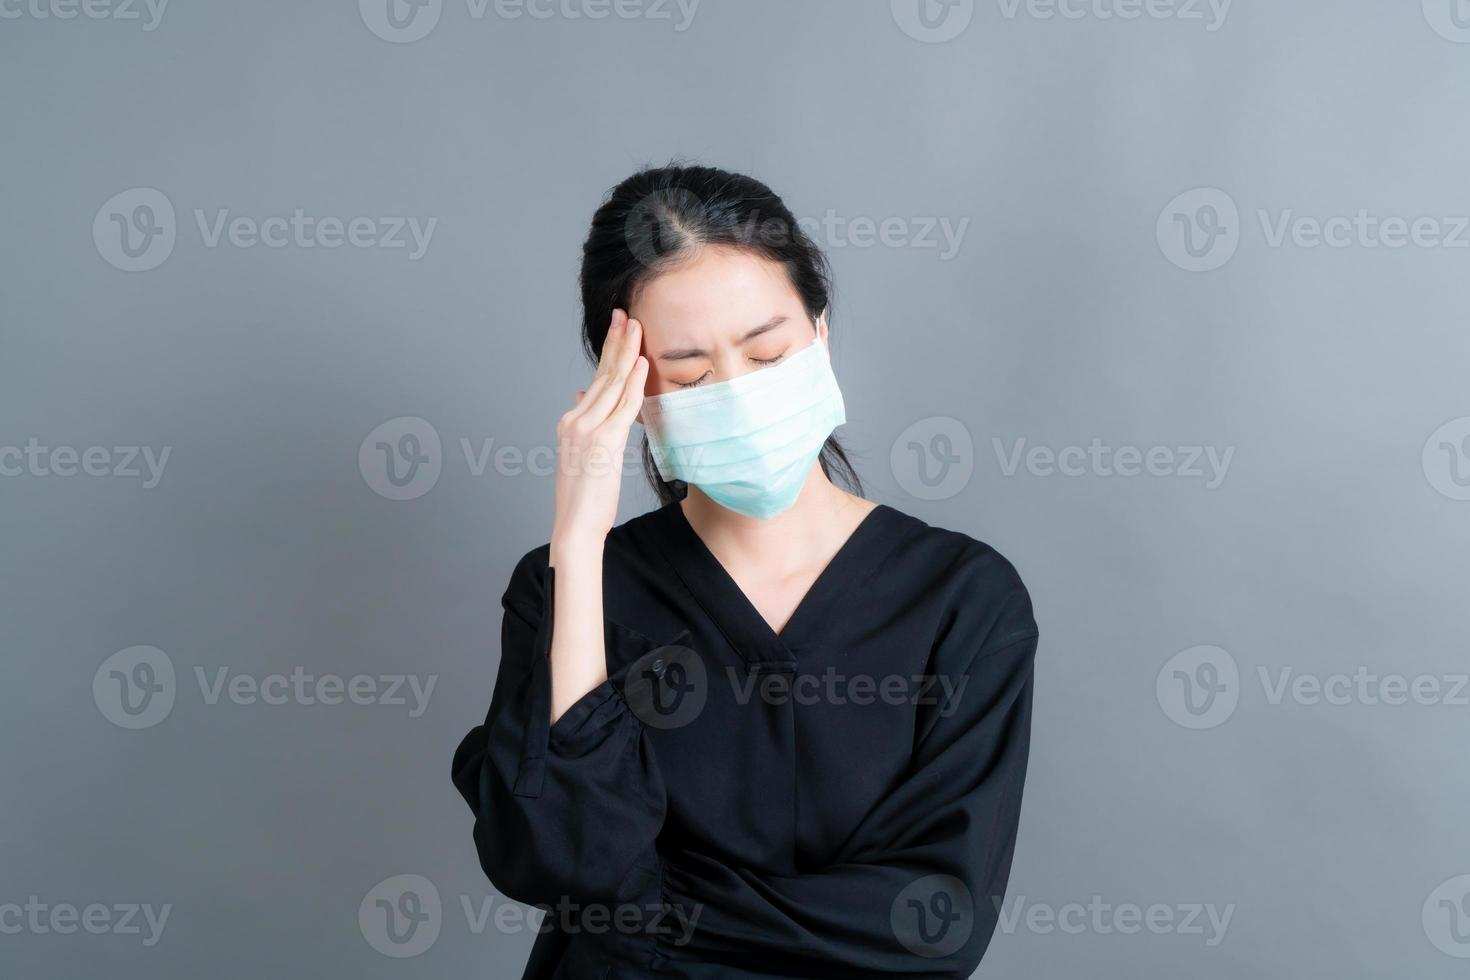 une femme asiatique portant un masque médical protège la poussière du filtre pm2.5 anti-pollution, anti-smog et covid-19 photo